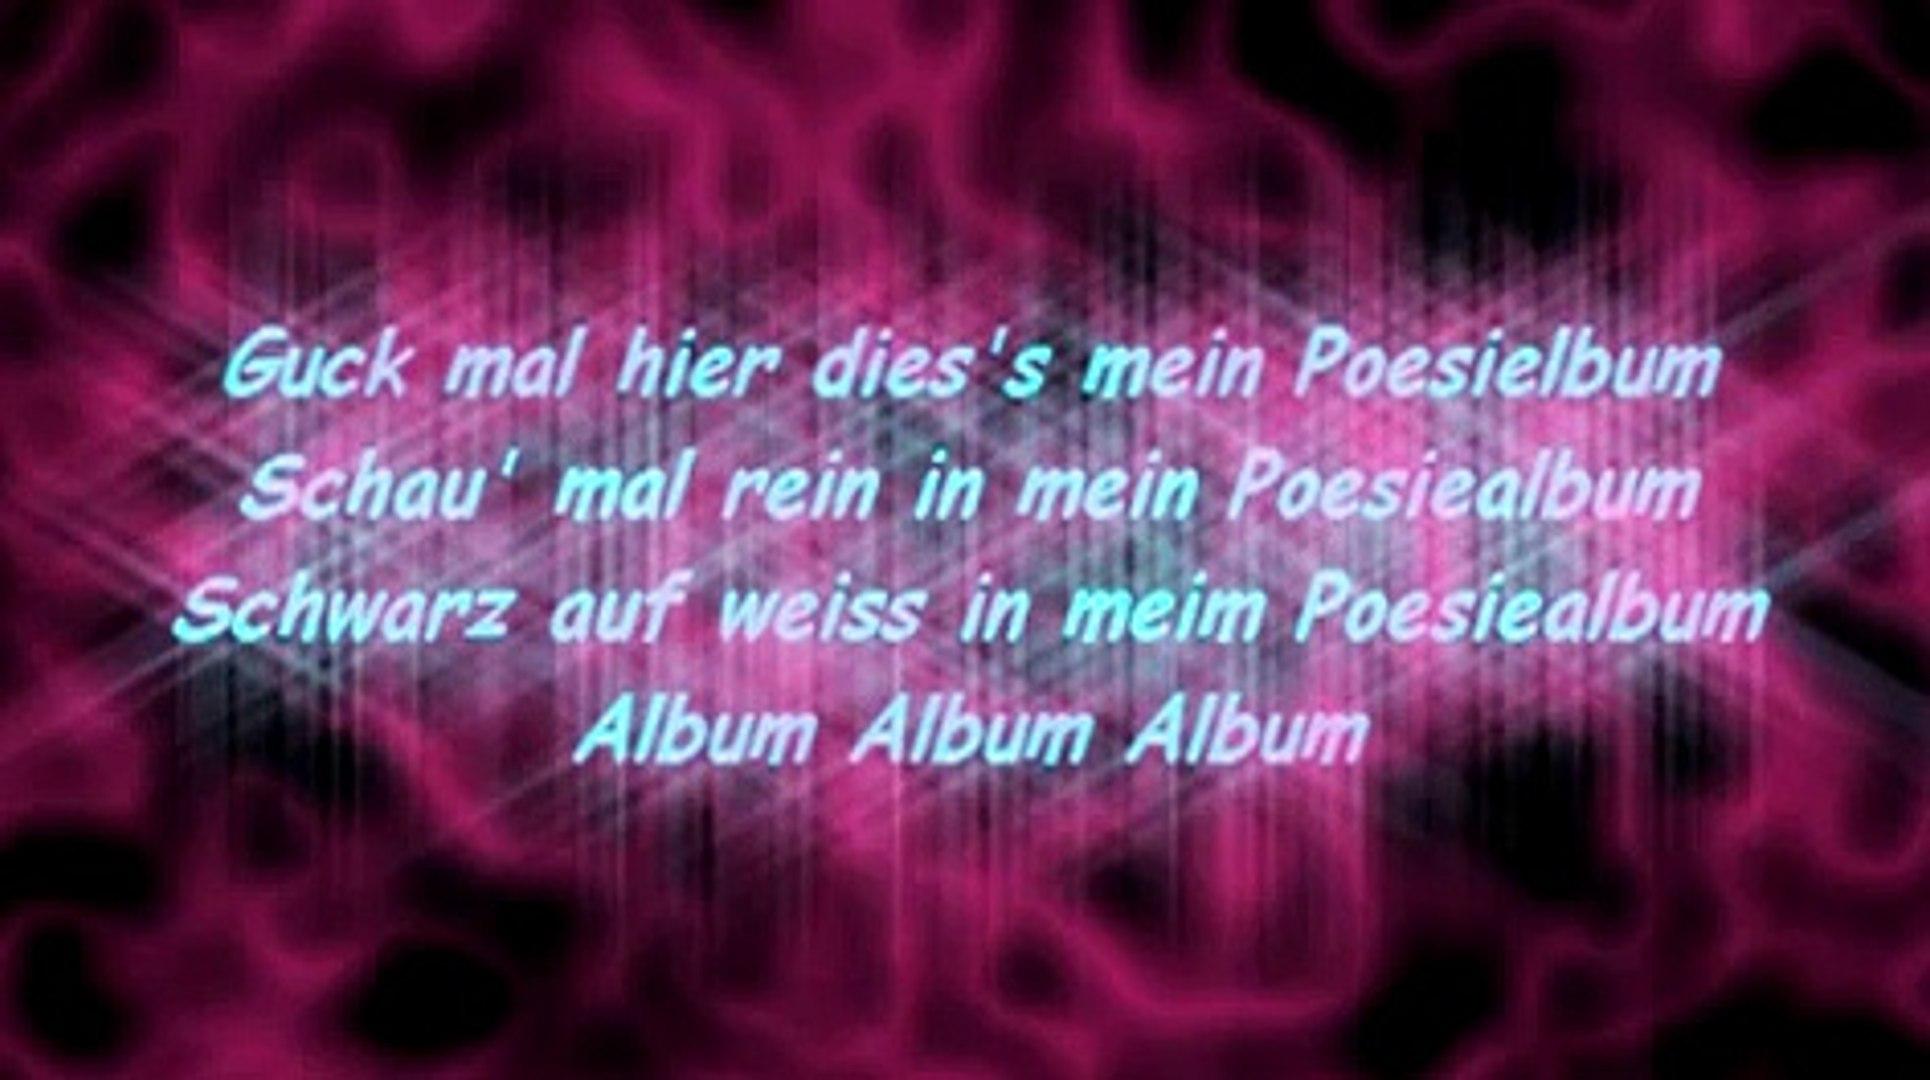 Samy Deluxe Poesiealbum Lyrics